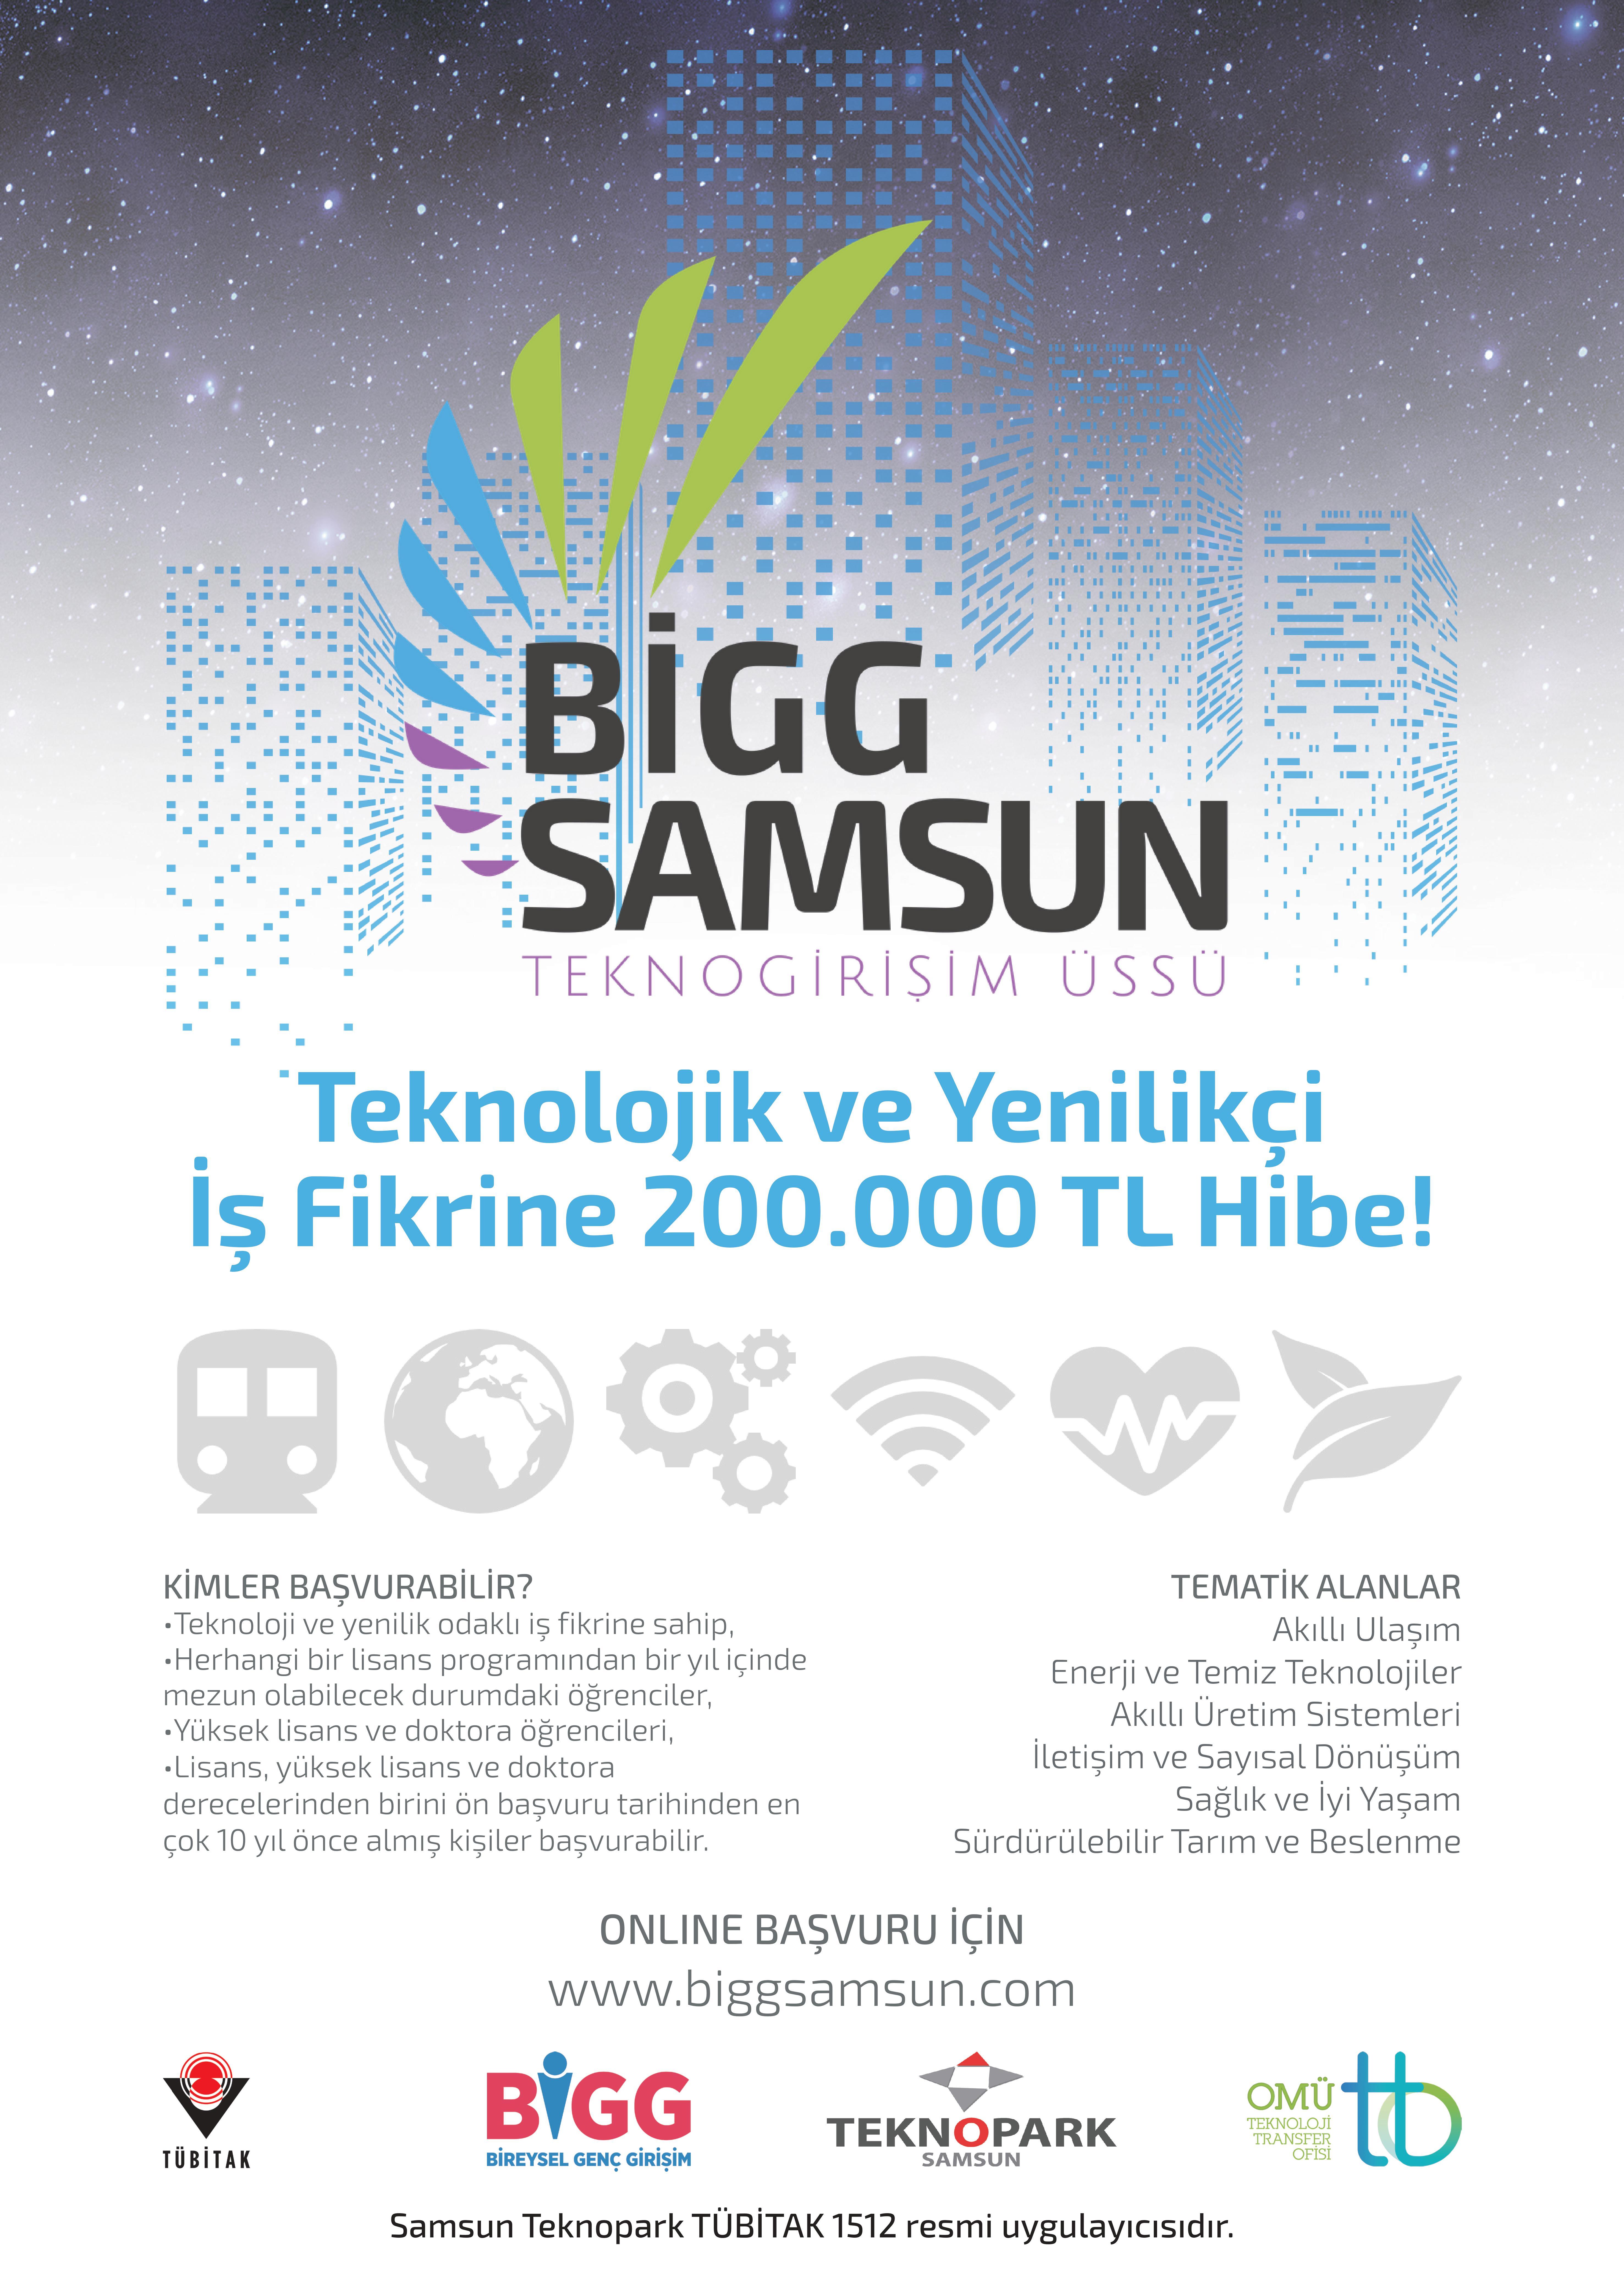 http://www.omu.edu.tr/sites/default/files/files/tubitak_1512_bireysel_genc_girisim_bigg_2019_yili_1._donem_cagrisi_acildi_/0001.jpg